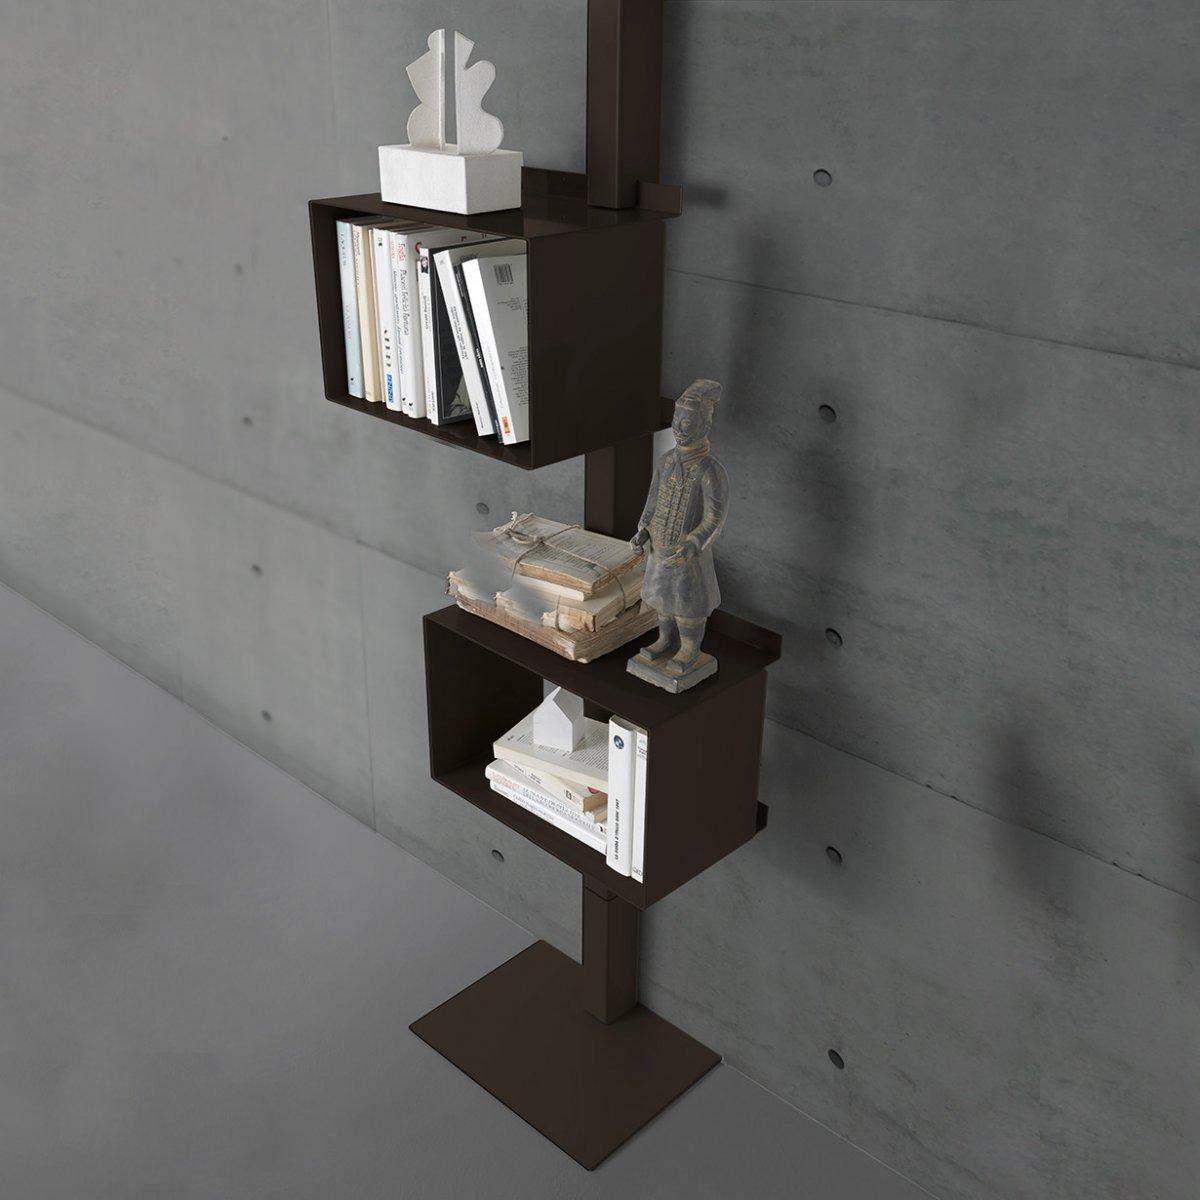 Bibliothèques : quel type de meuble pour votre intérieur ?